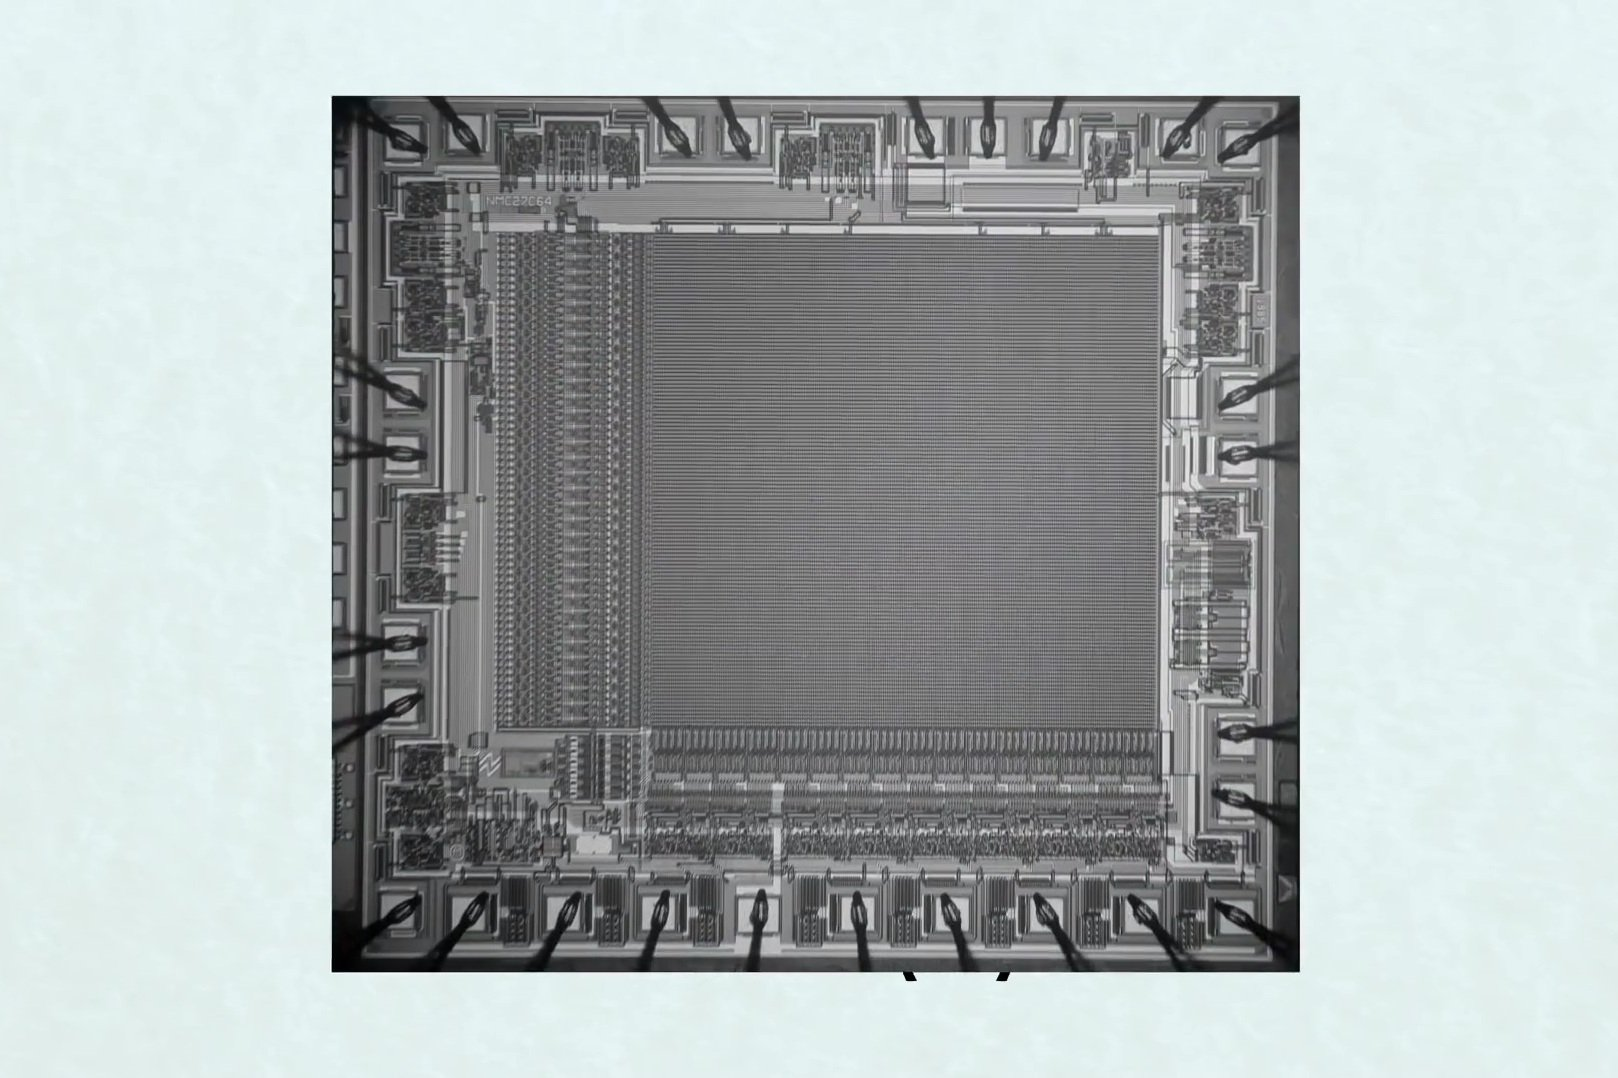 晶片成品模擬圖。(YouTube視像擷圖)